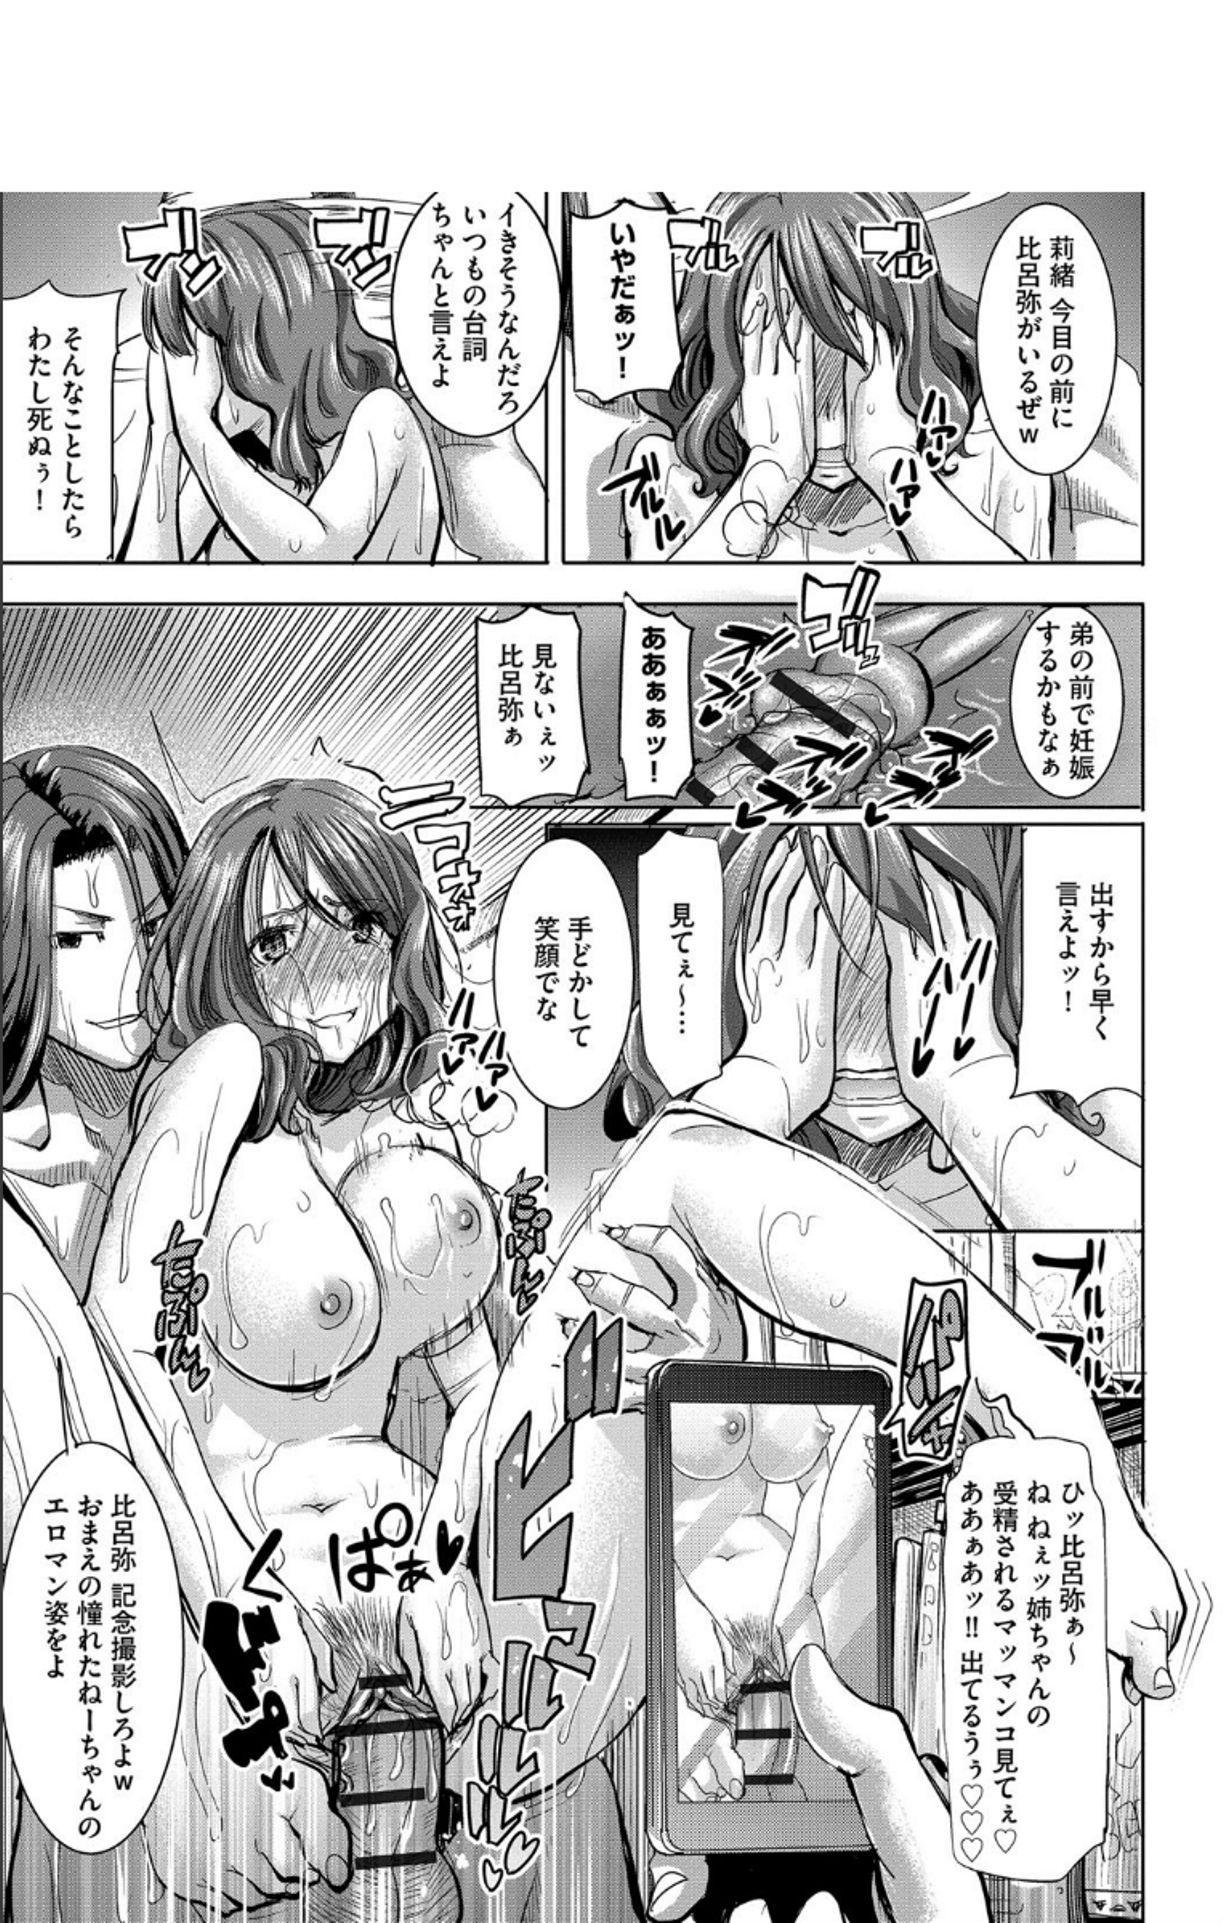 Boku no Kazoku o Sarashimasu + DMM Gentei Tokuten Paper 101